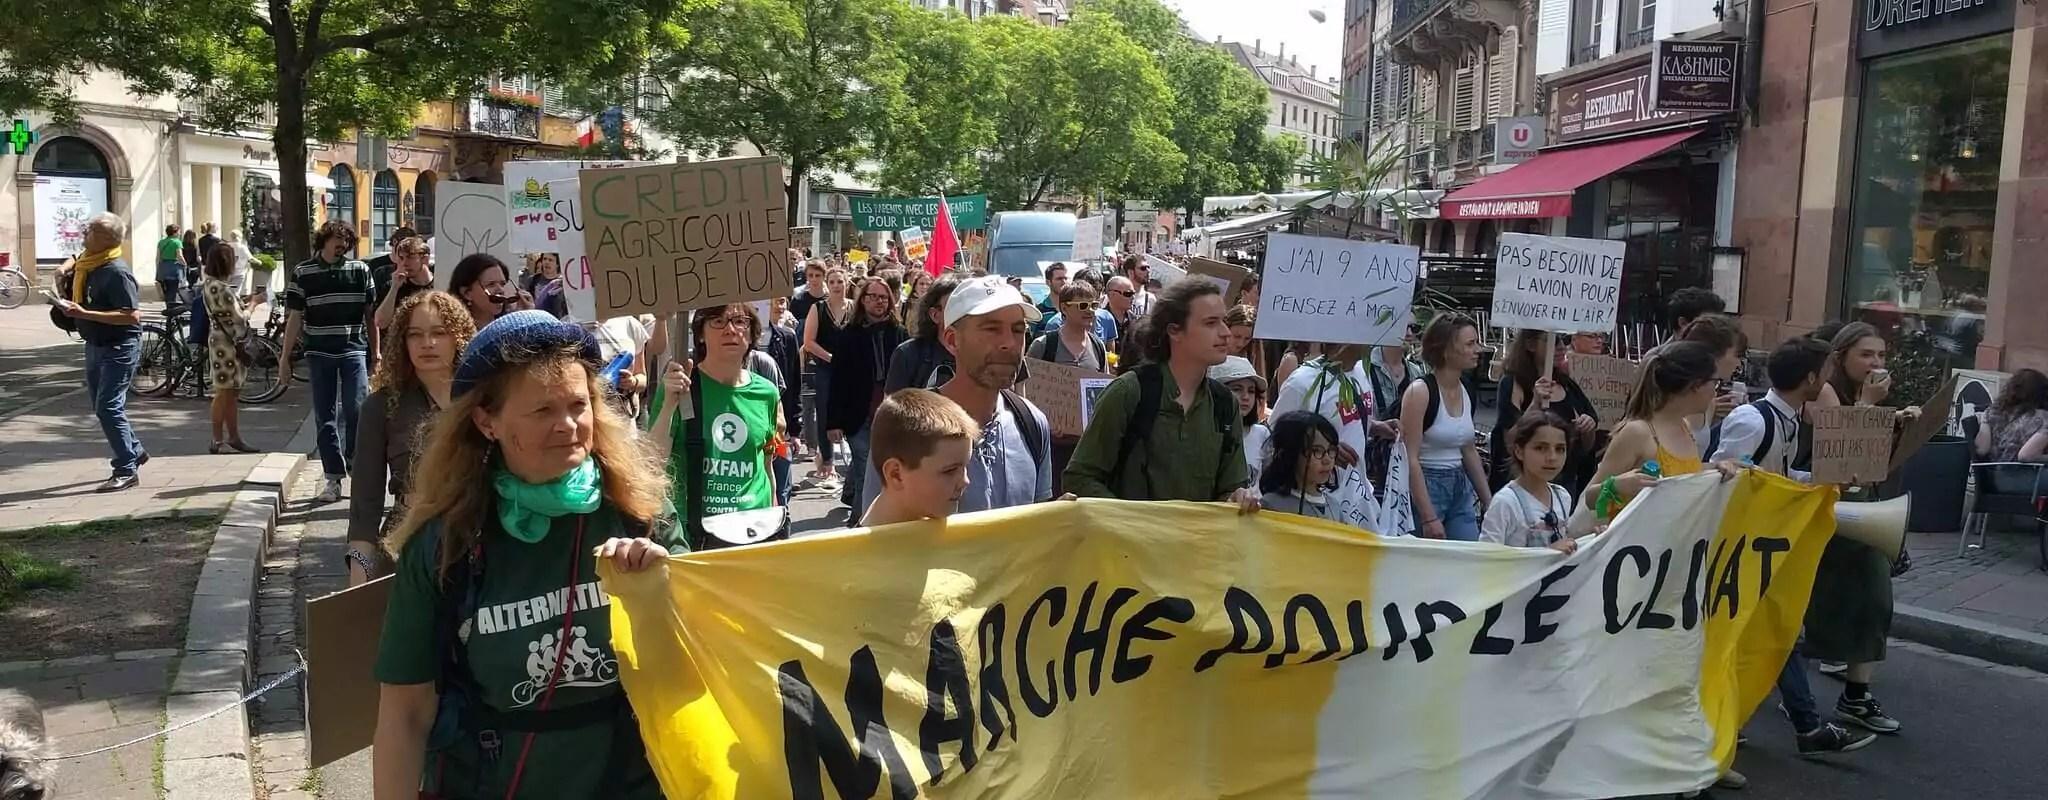 À Strasbourg, des associations écologistes appellent à se mobiliser dimanche pour une loi Climat «plus ambitieuse»